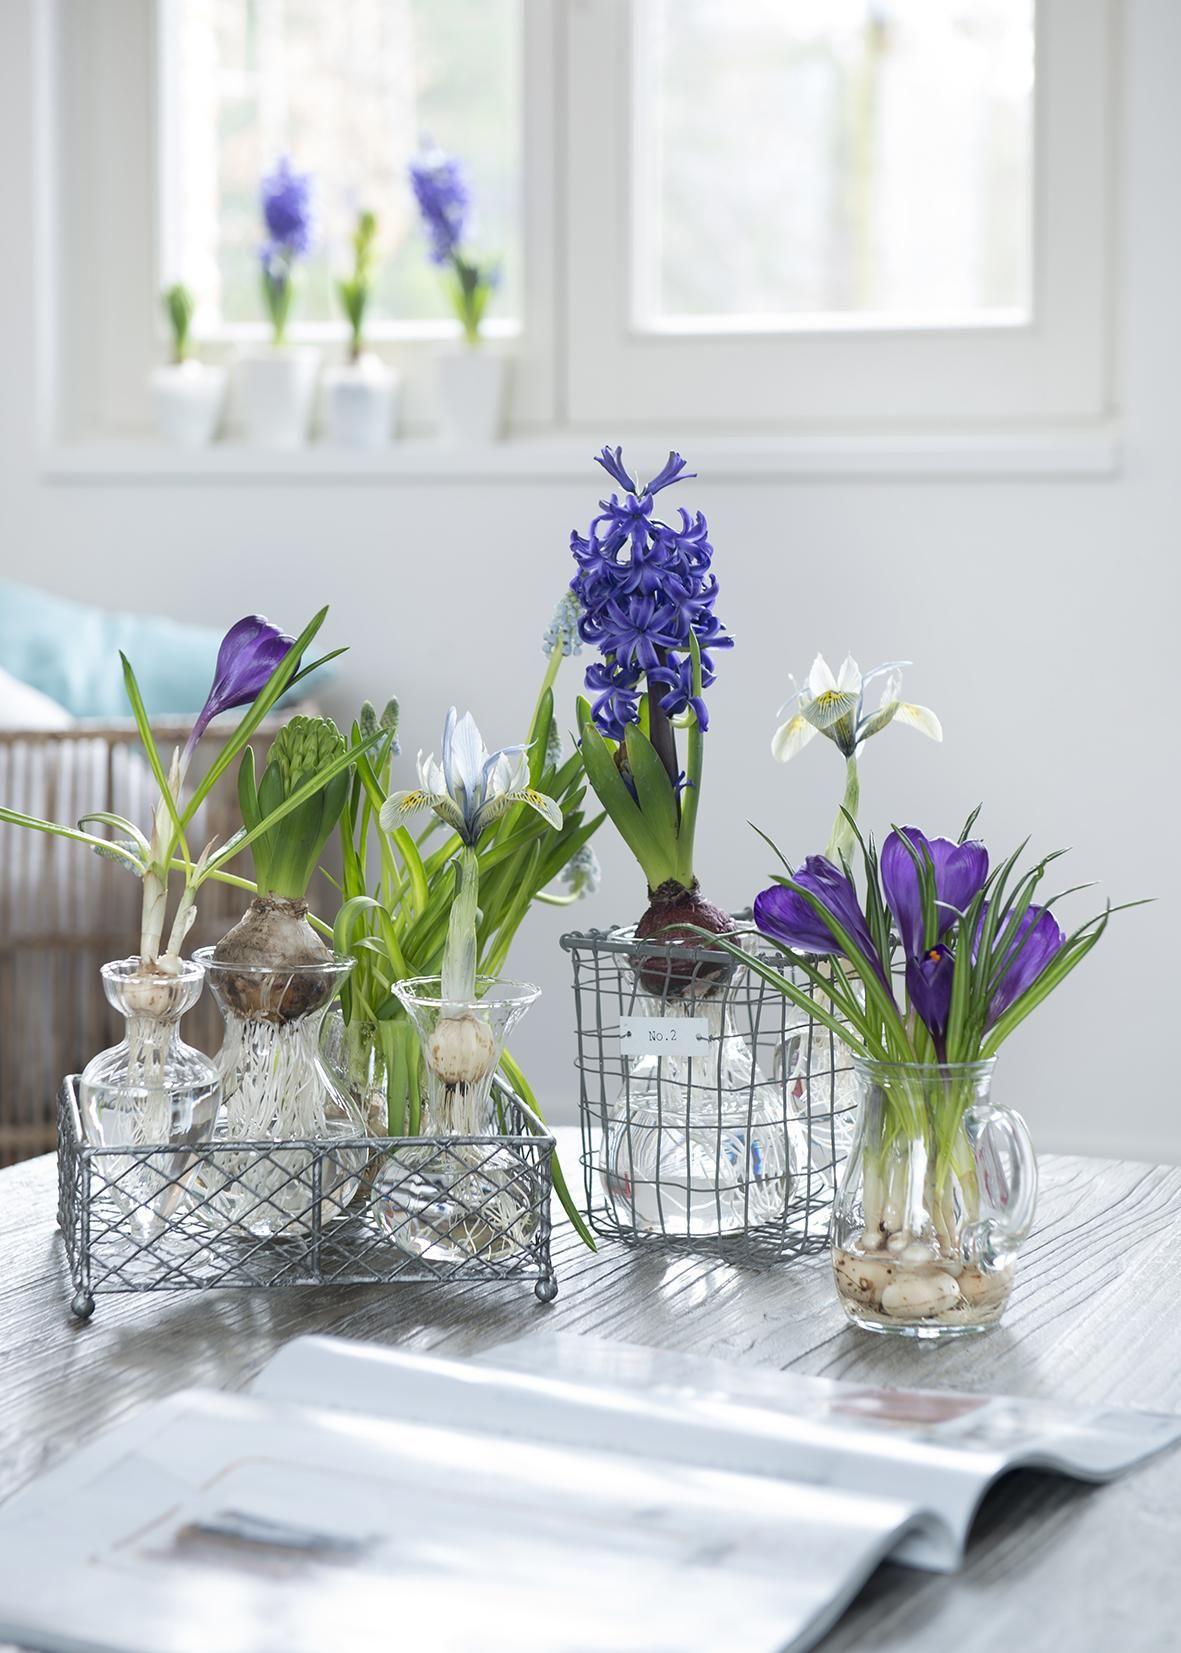 Le printemps dans la maison avec des bulbes précoces